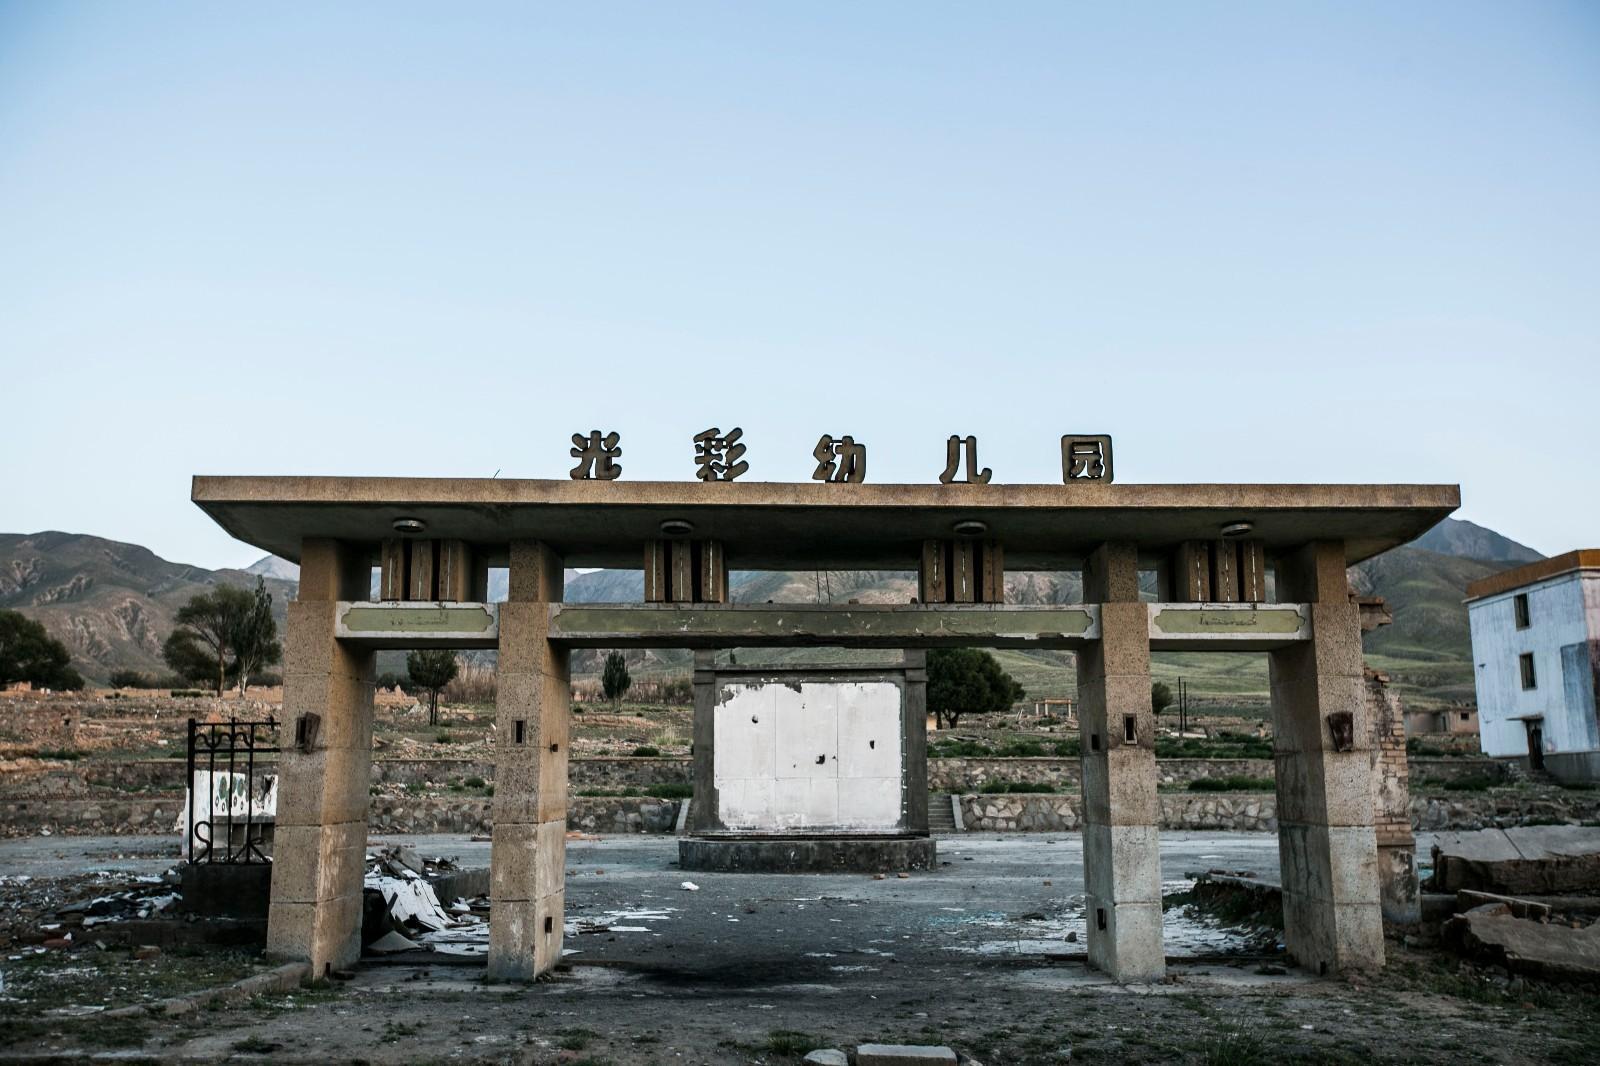 深入《九层妖塔》拍摄地——阿克塞石油小镇